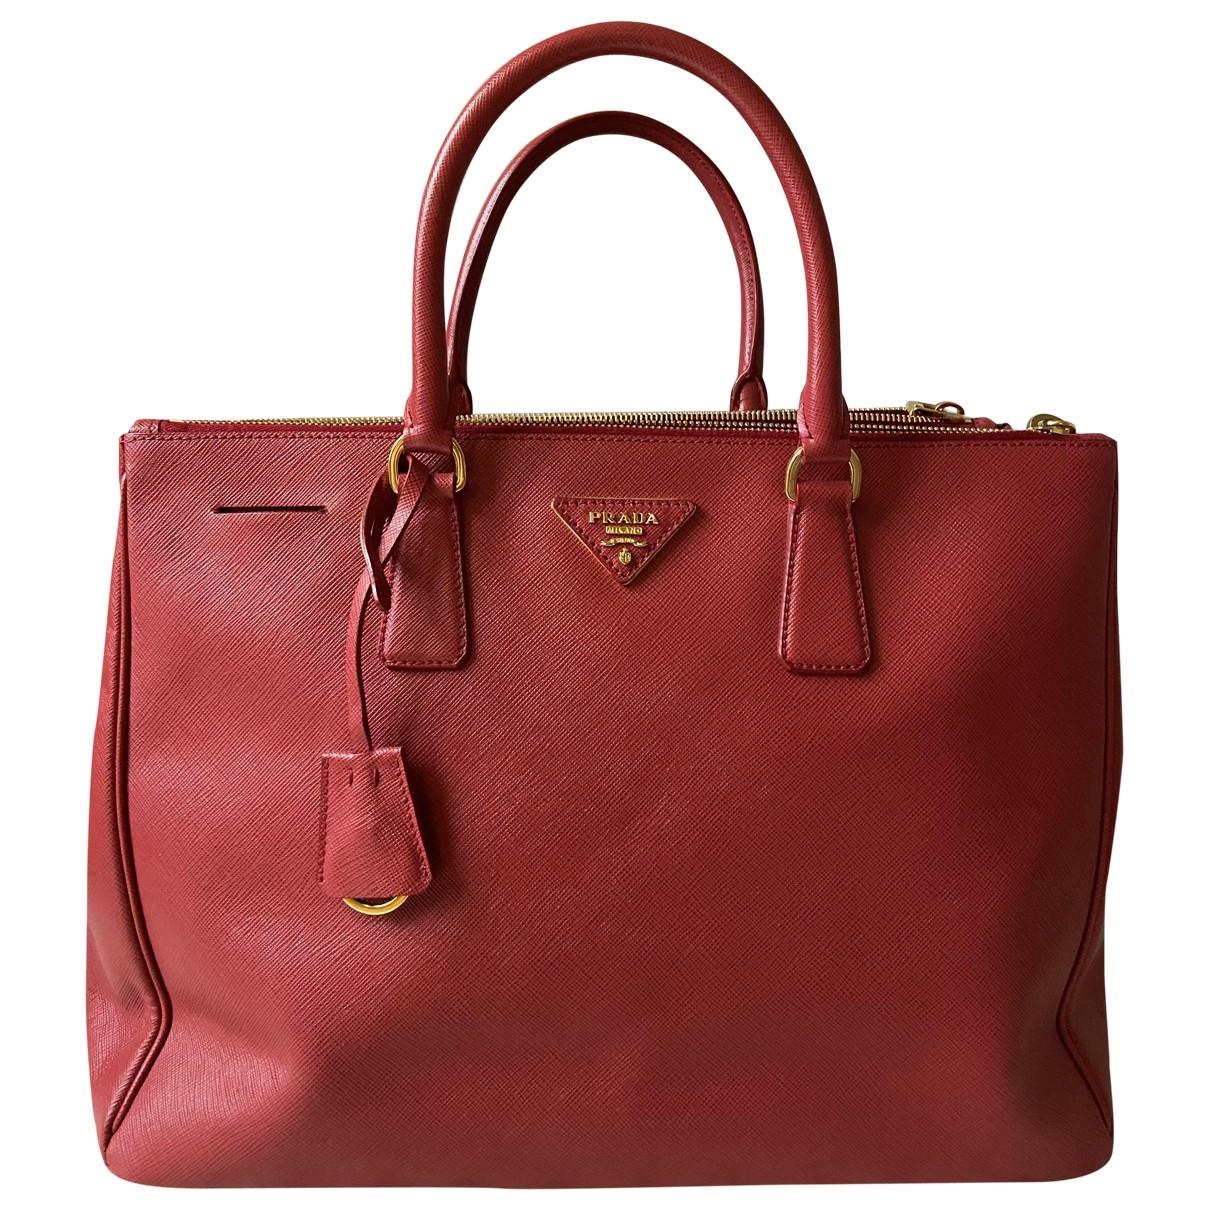 Prada - Sac a main Galleria pour femme en cuir - rouge